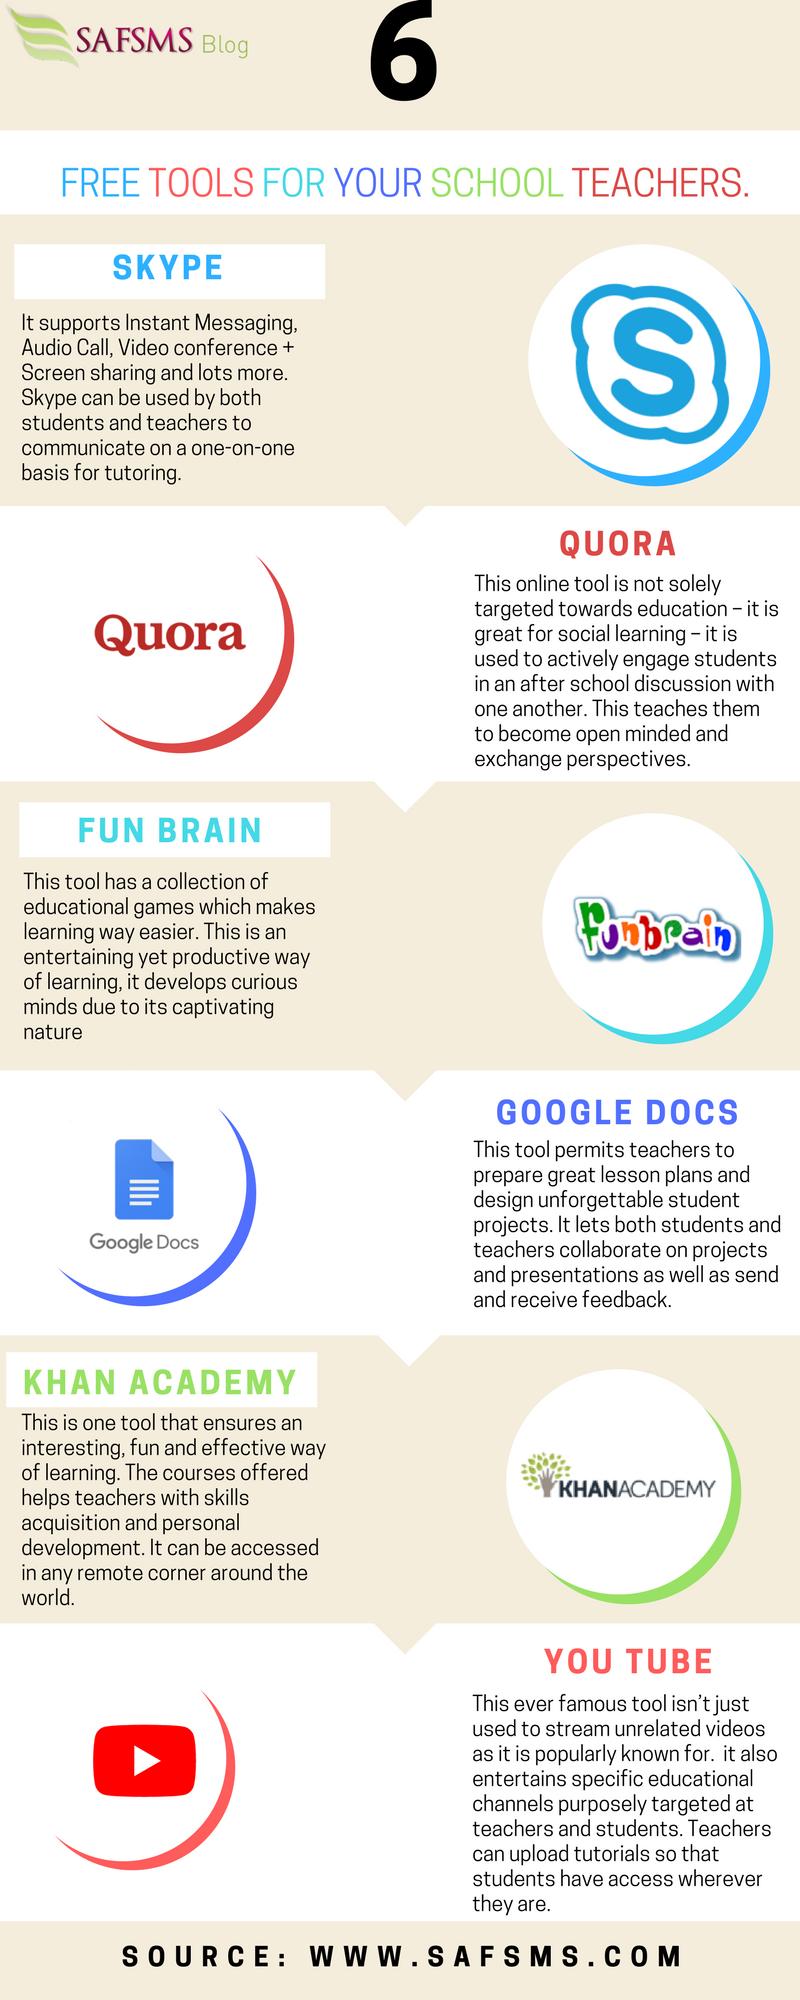 6-free-tools-for-teachers-infographic-lkrllc